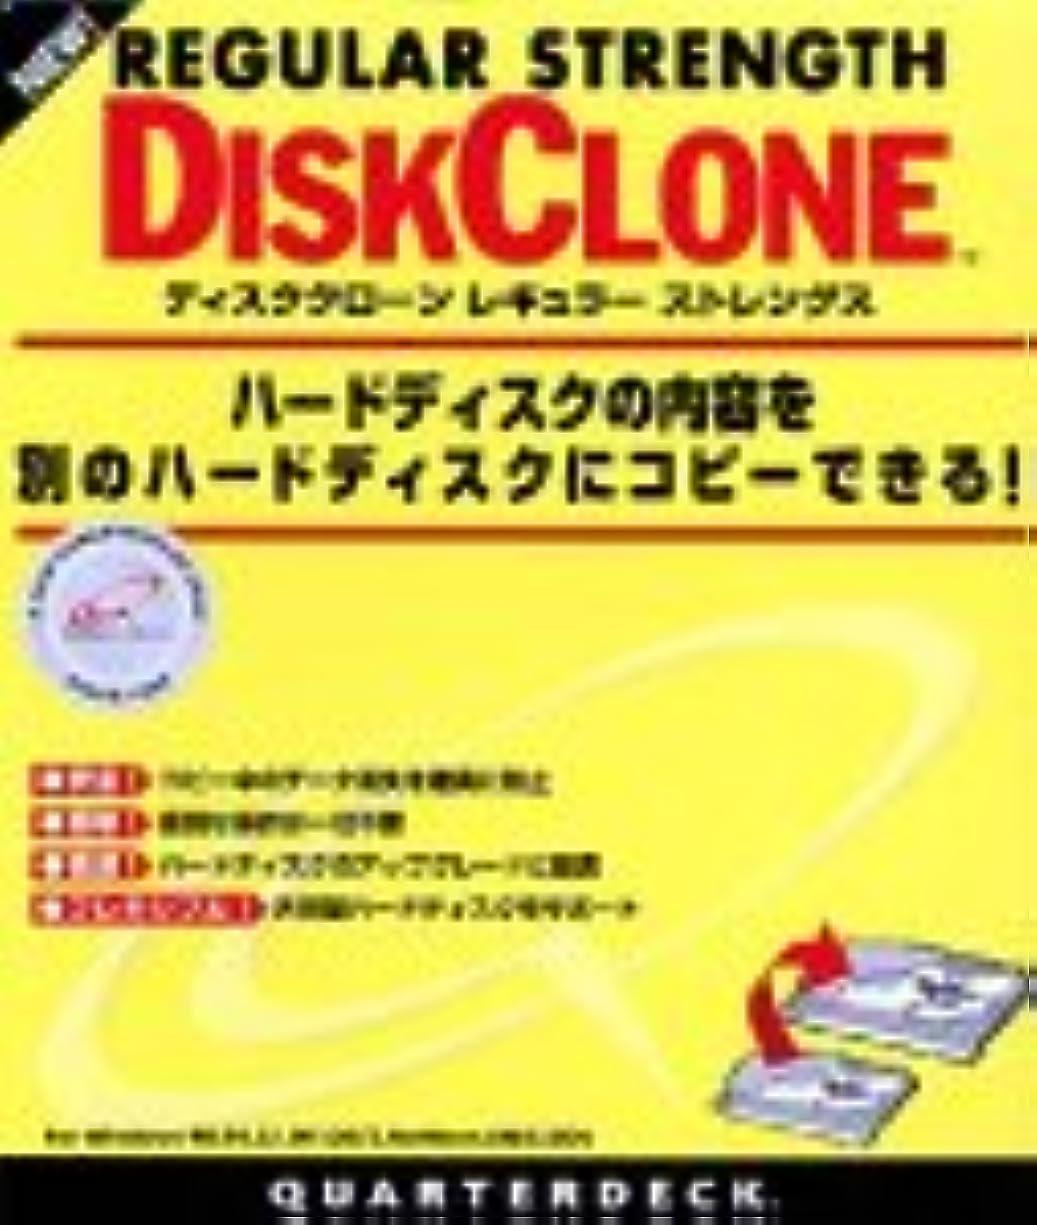 アンビエント速度顎DiskClone Regular Strength